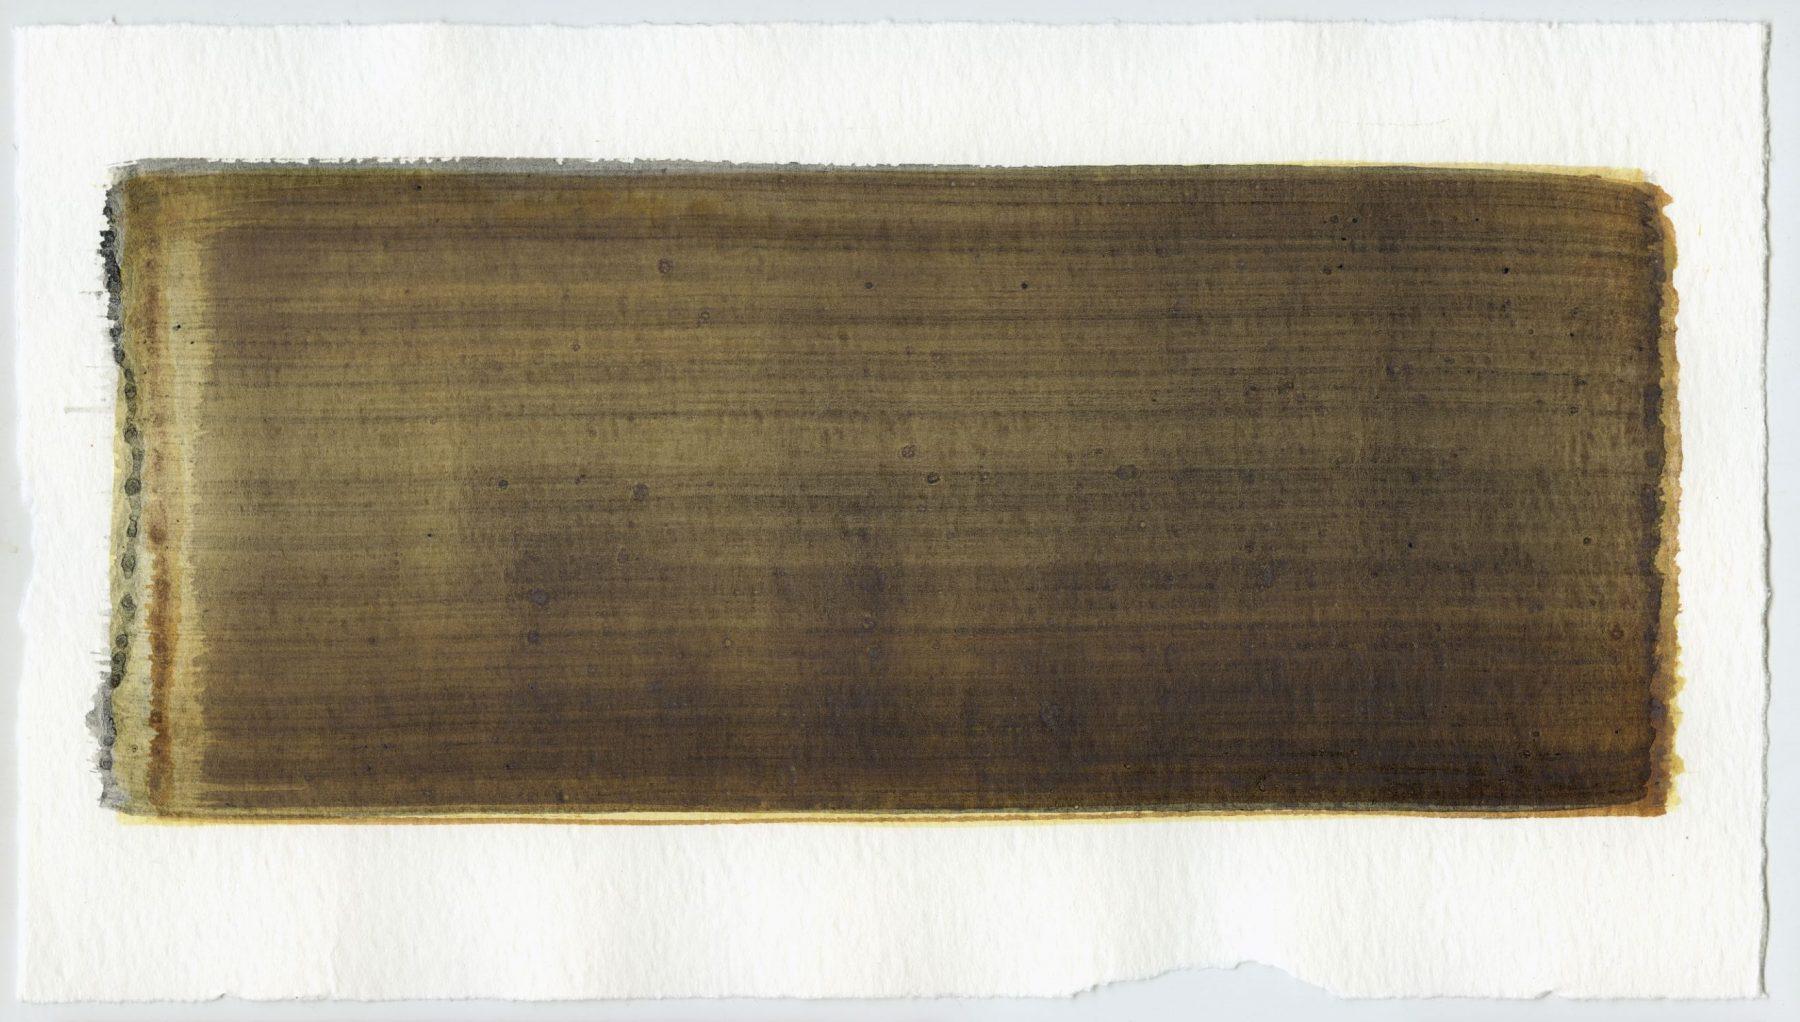 Brush stroke no. 52 - Selfmade pigment: Mortelse oker, IJzeroer, Slingerpad zwart, Mortel paarsgrijs fijn